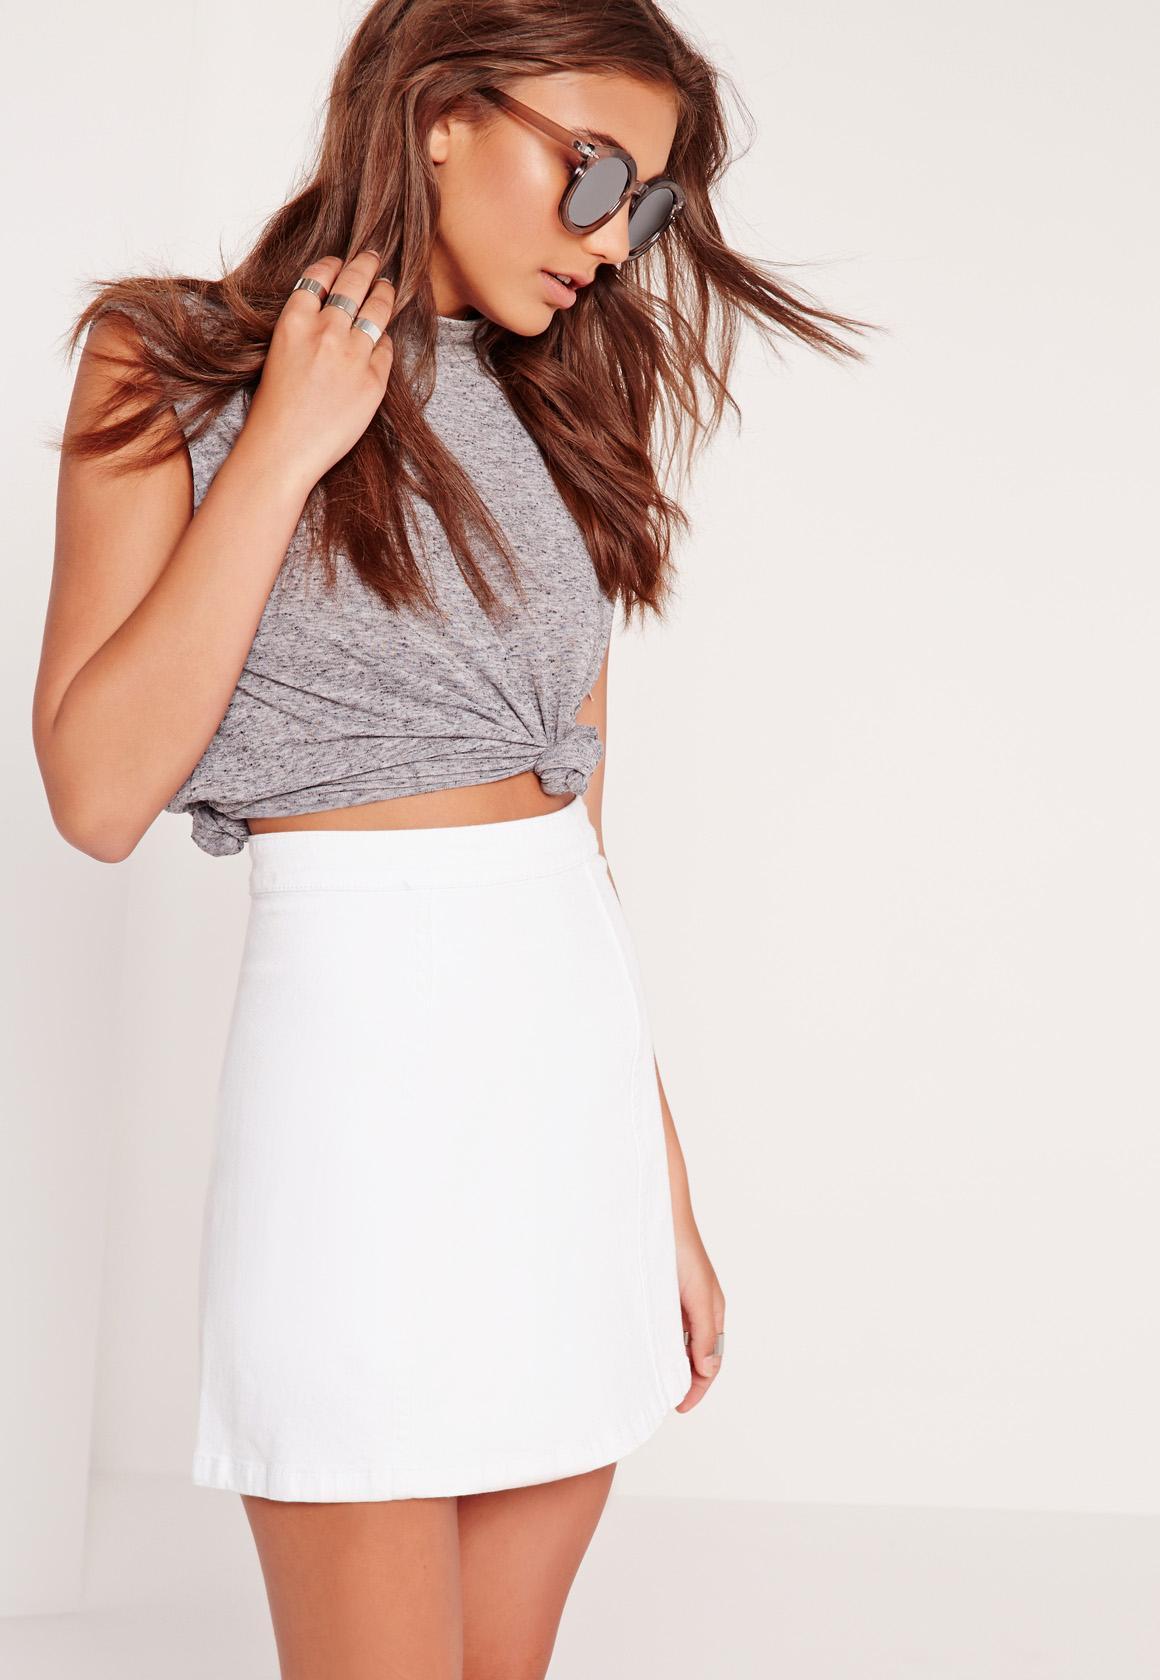 A-Line Super Stretch Denim Mini Skirt White | Missguided Australia